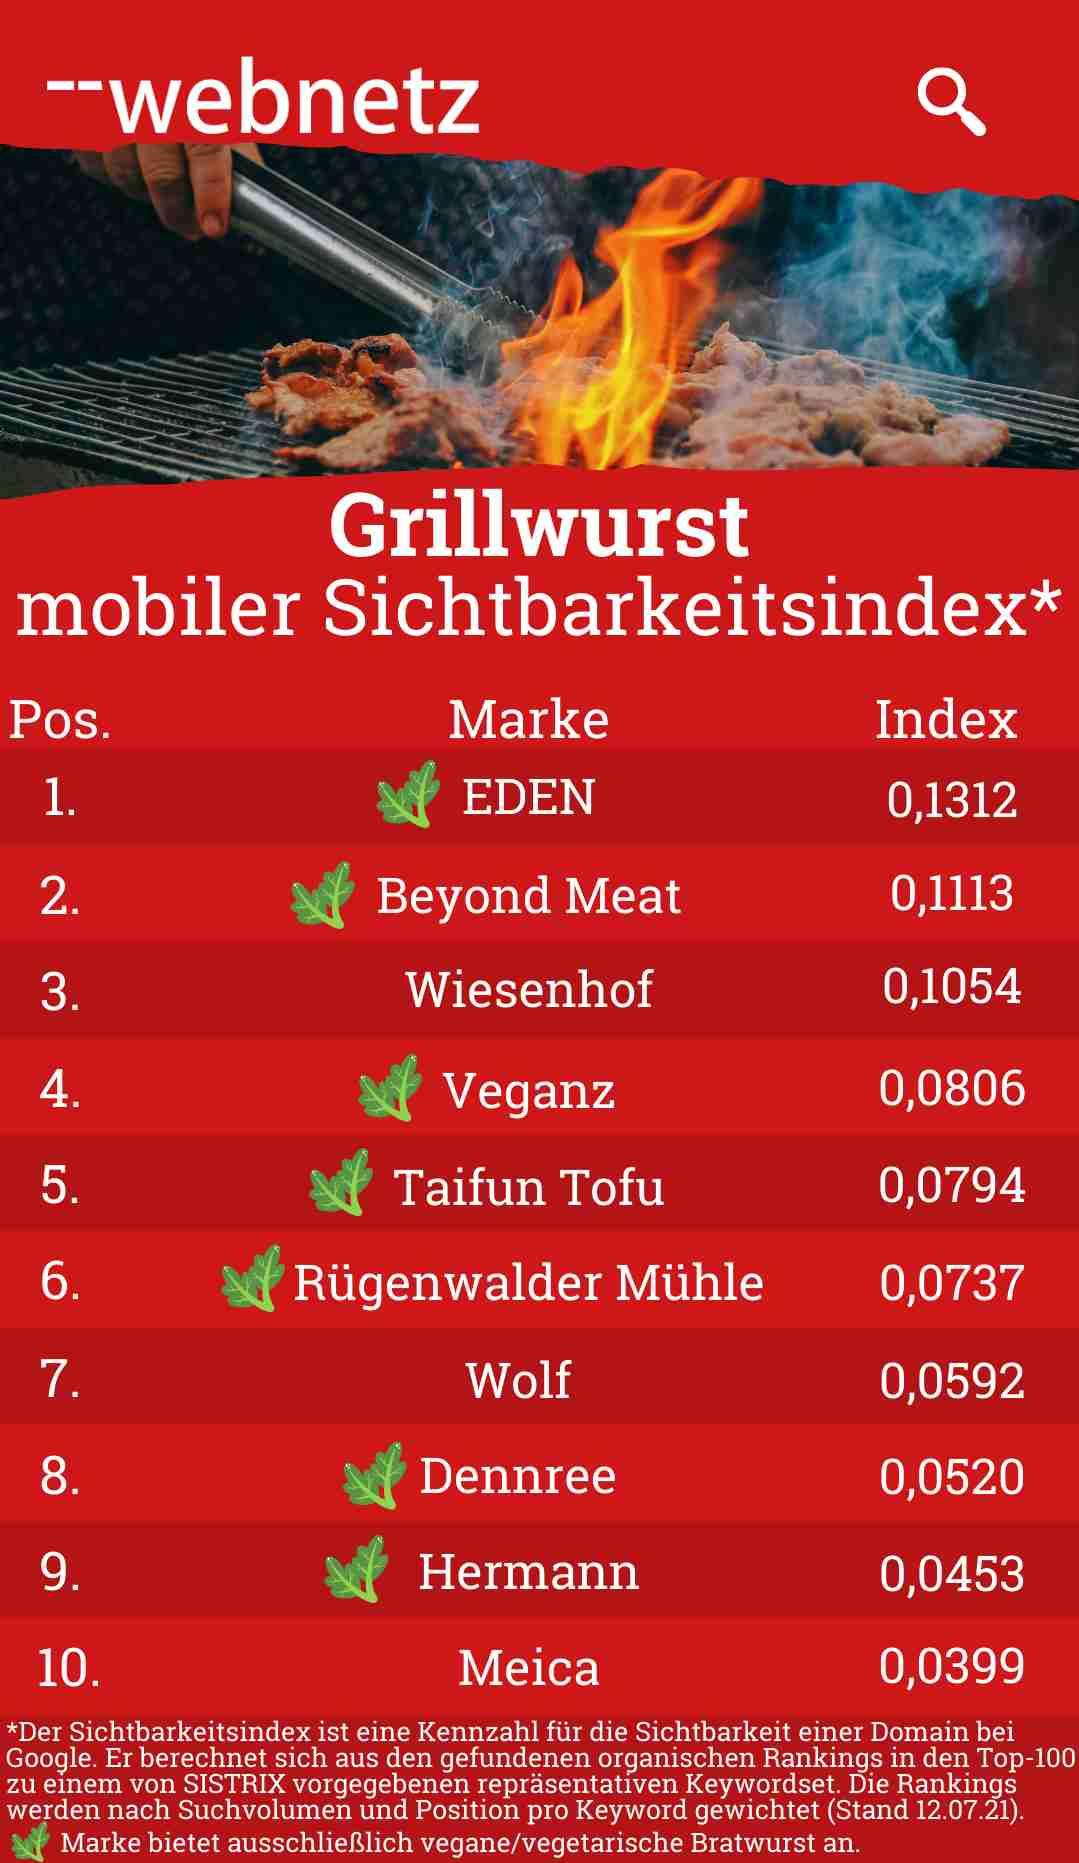 Grillwurst mobiler Sichtbarkeitsindex